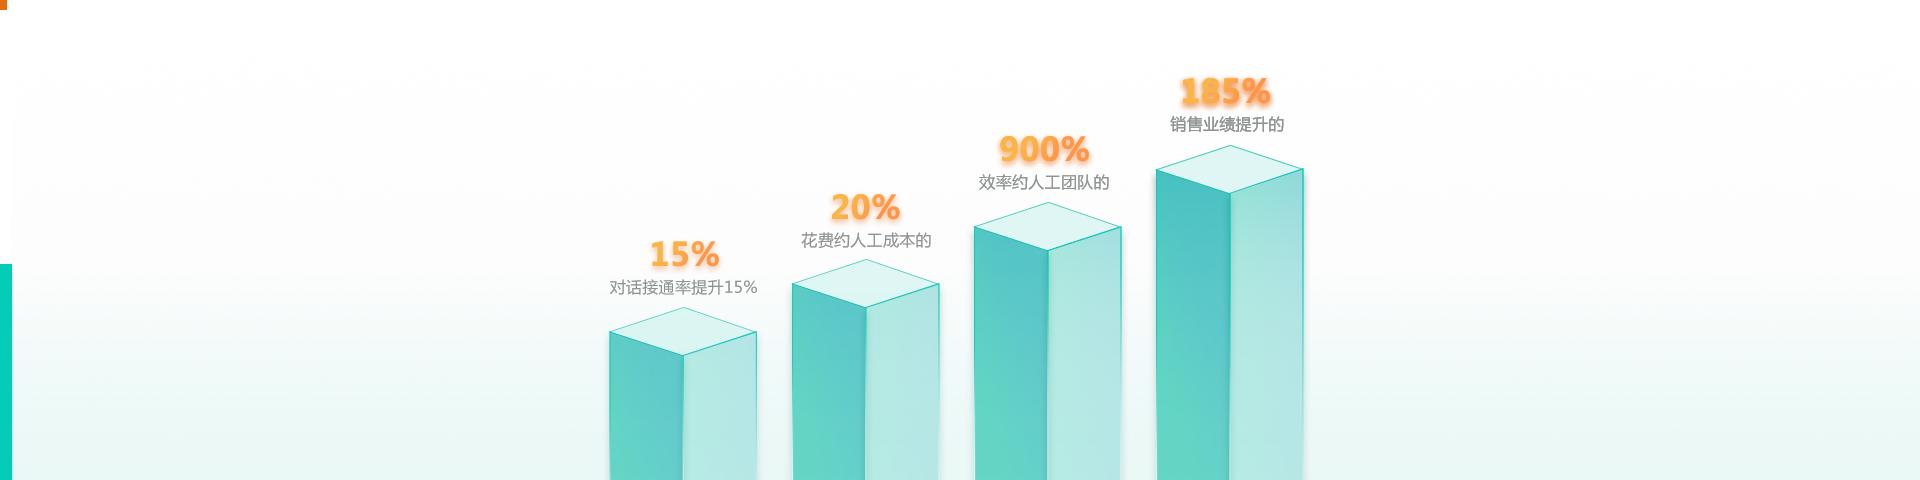 提升企业电销效率与业绩